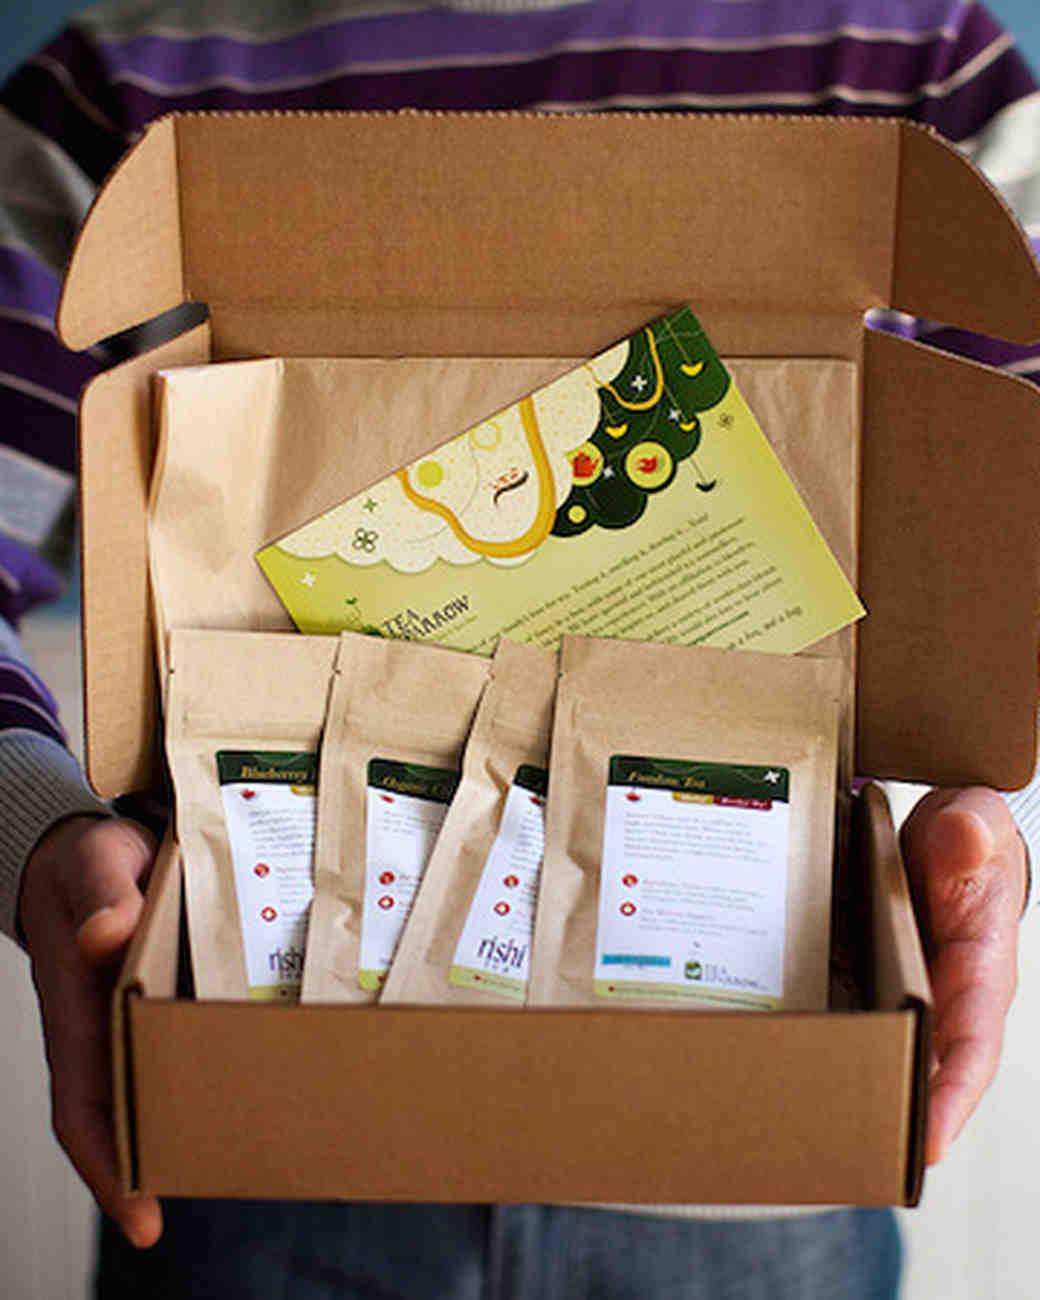 subscription-services-gift-tea-sparrow-0516.jpg